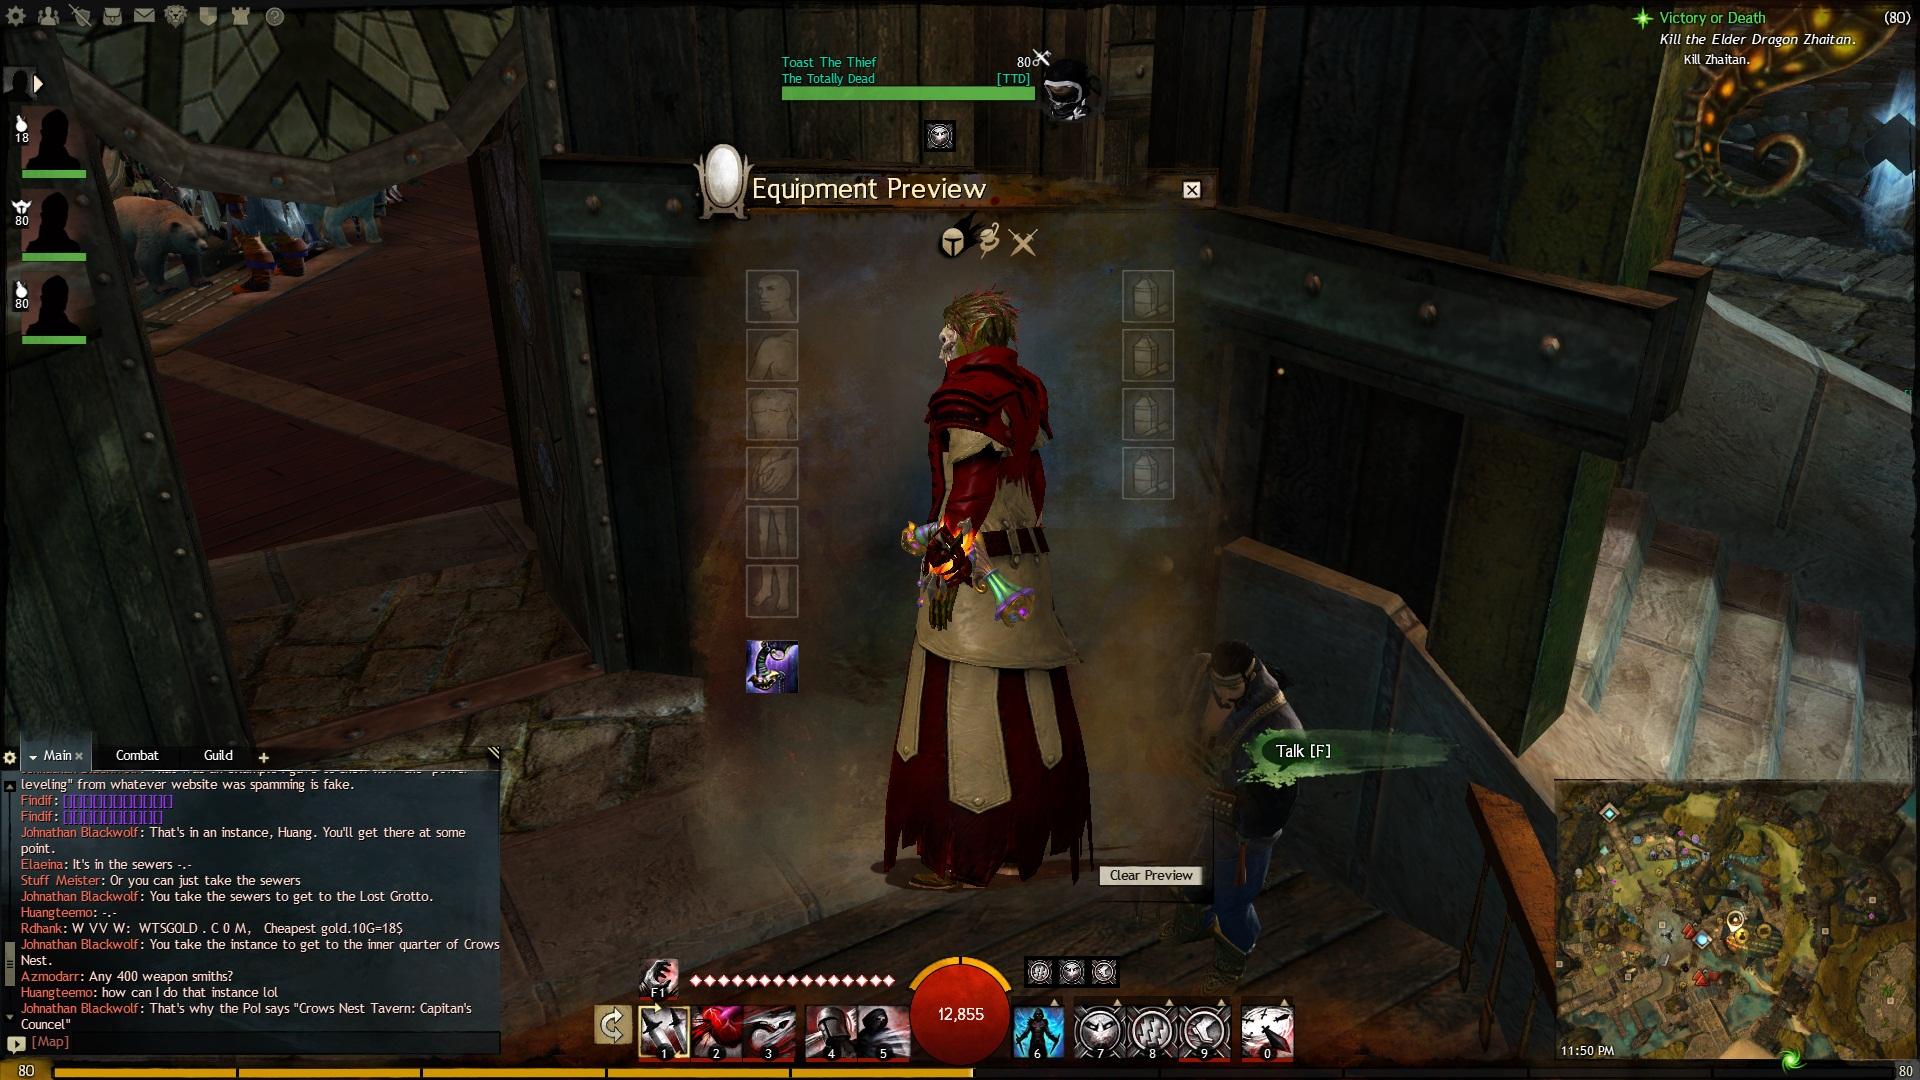 kuishen games link deleted videomedia wars guild